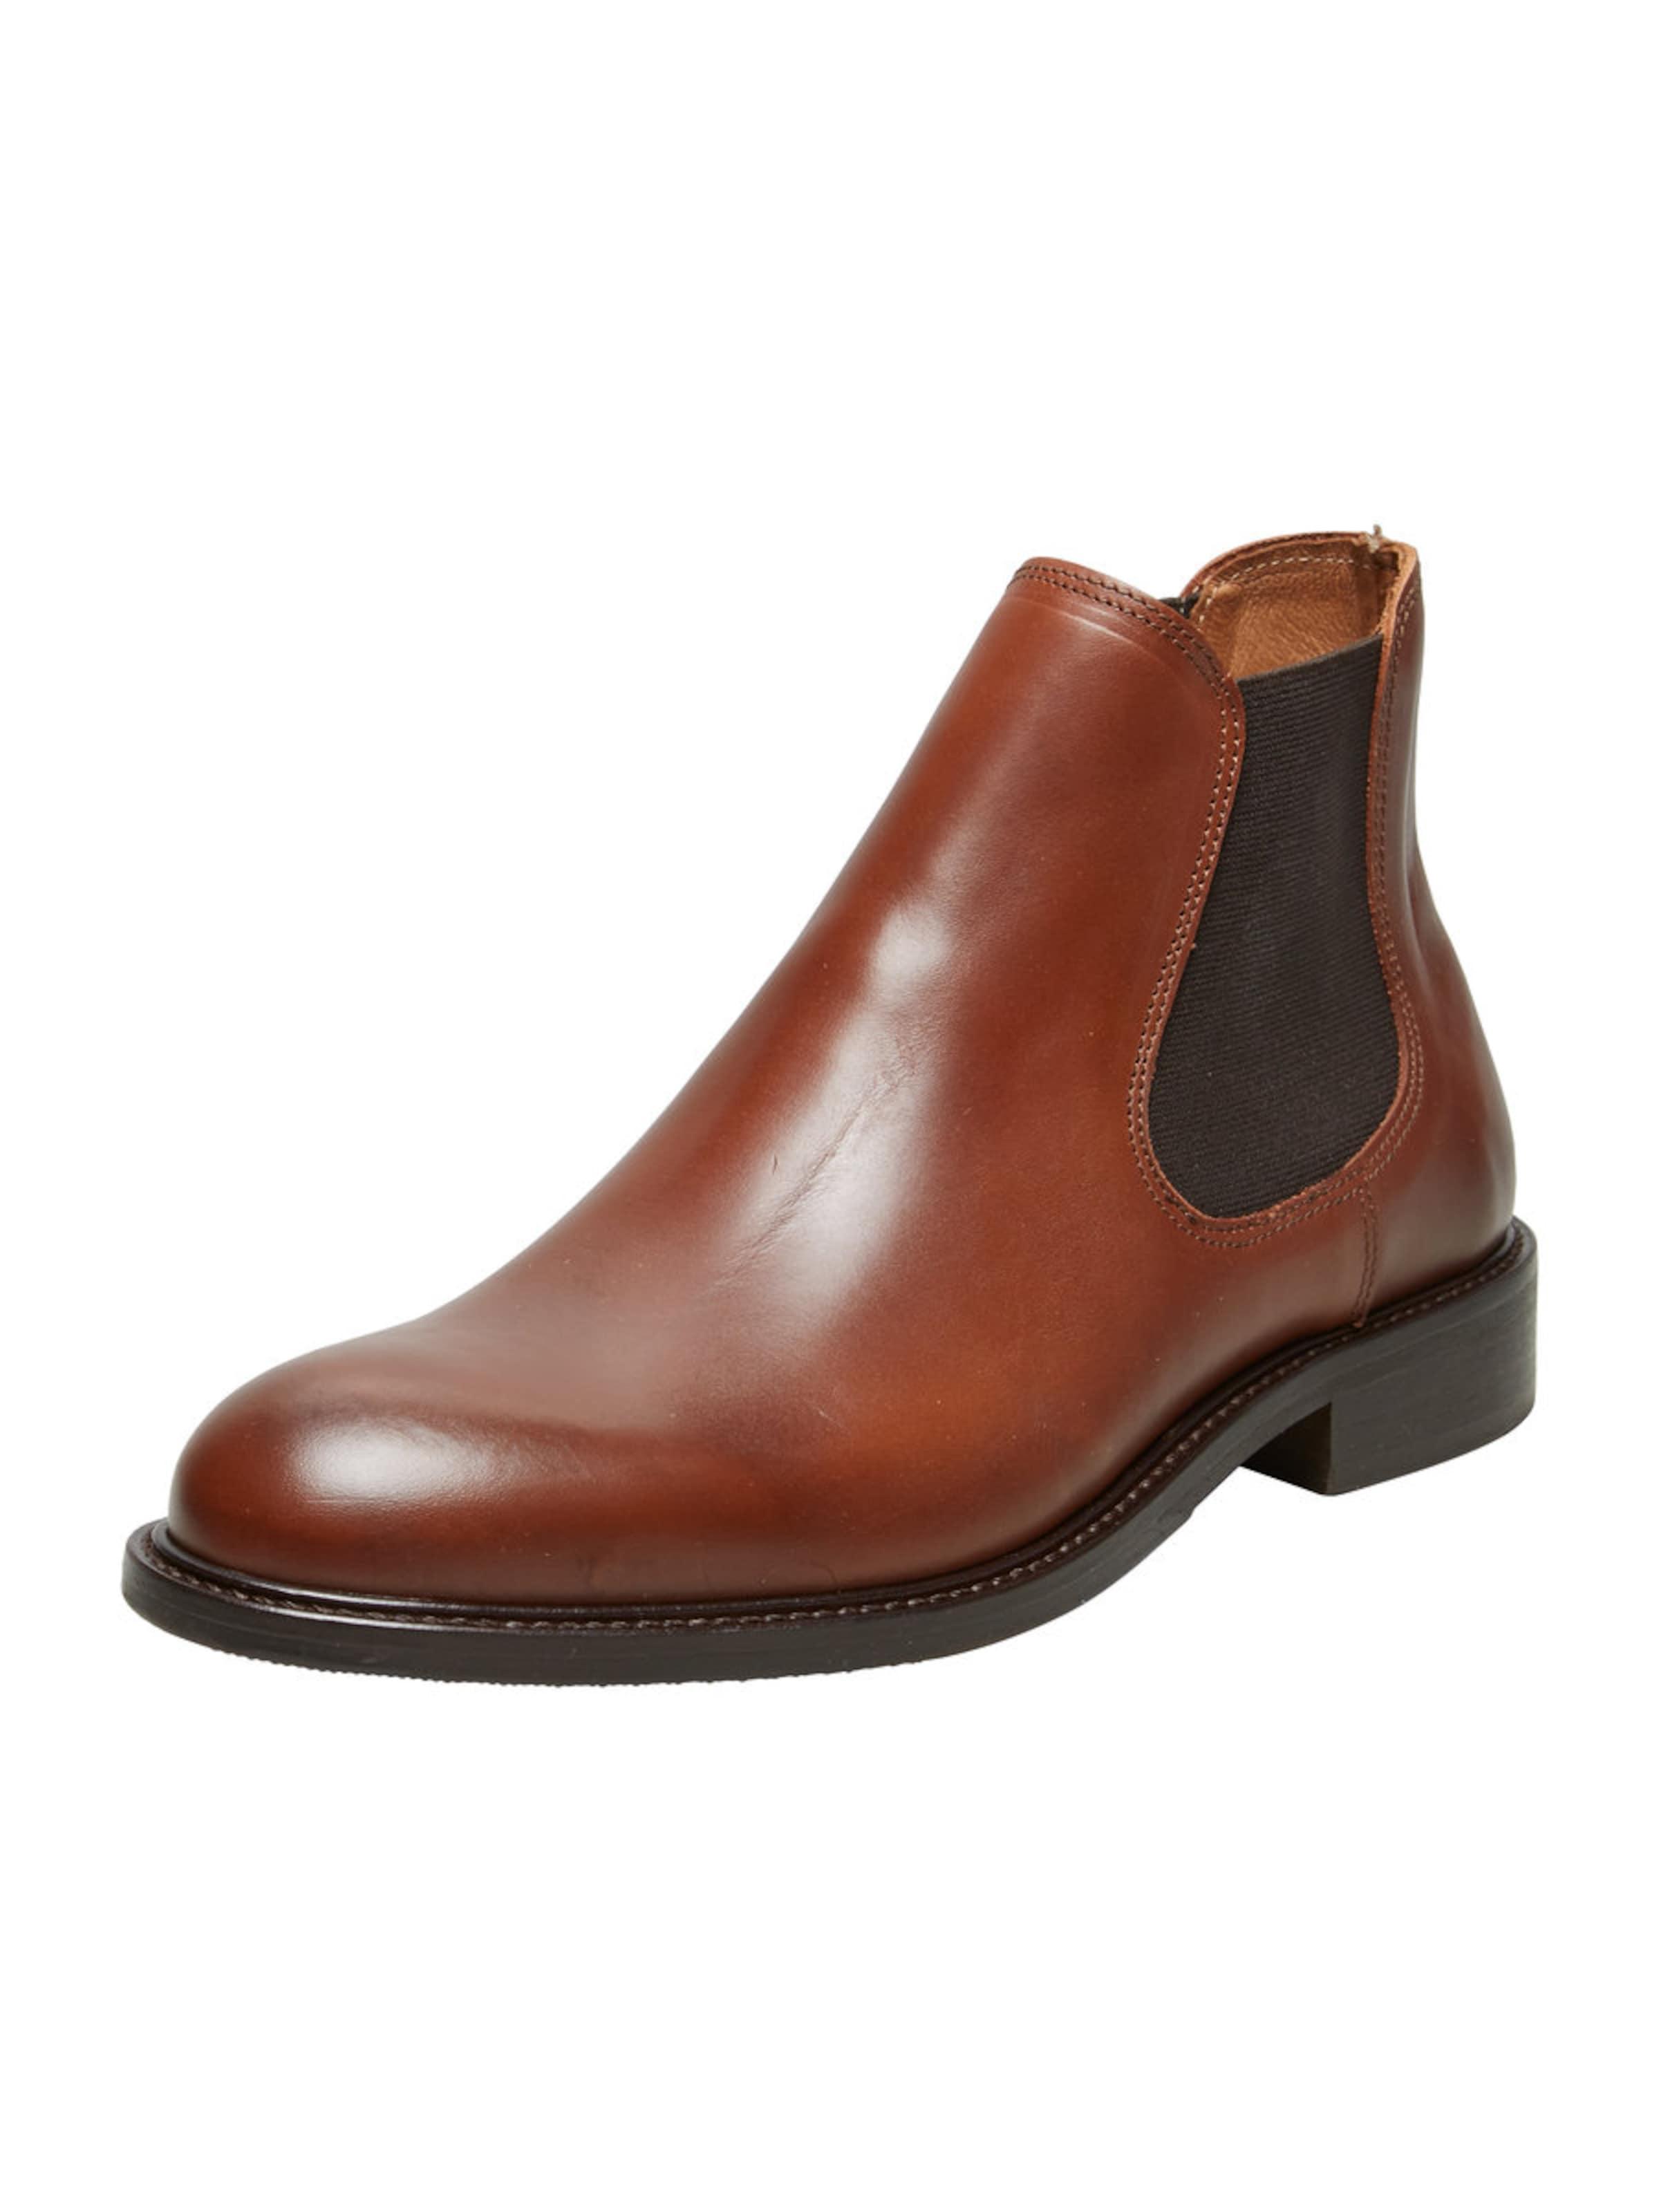 SELECTED HOMME Chelsea Lederstiefel Günstige und langlebige Schuhe